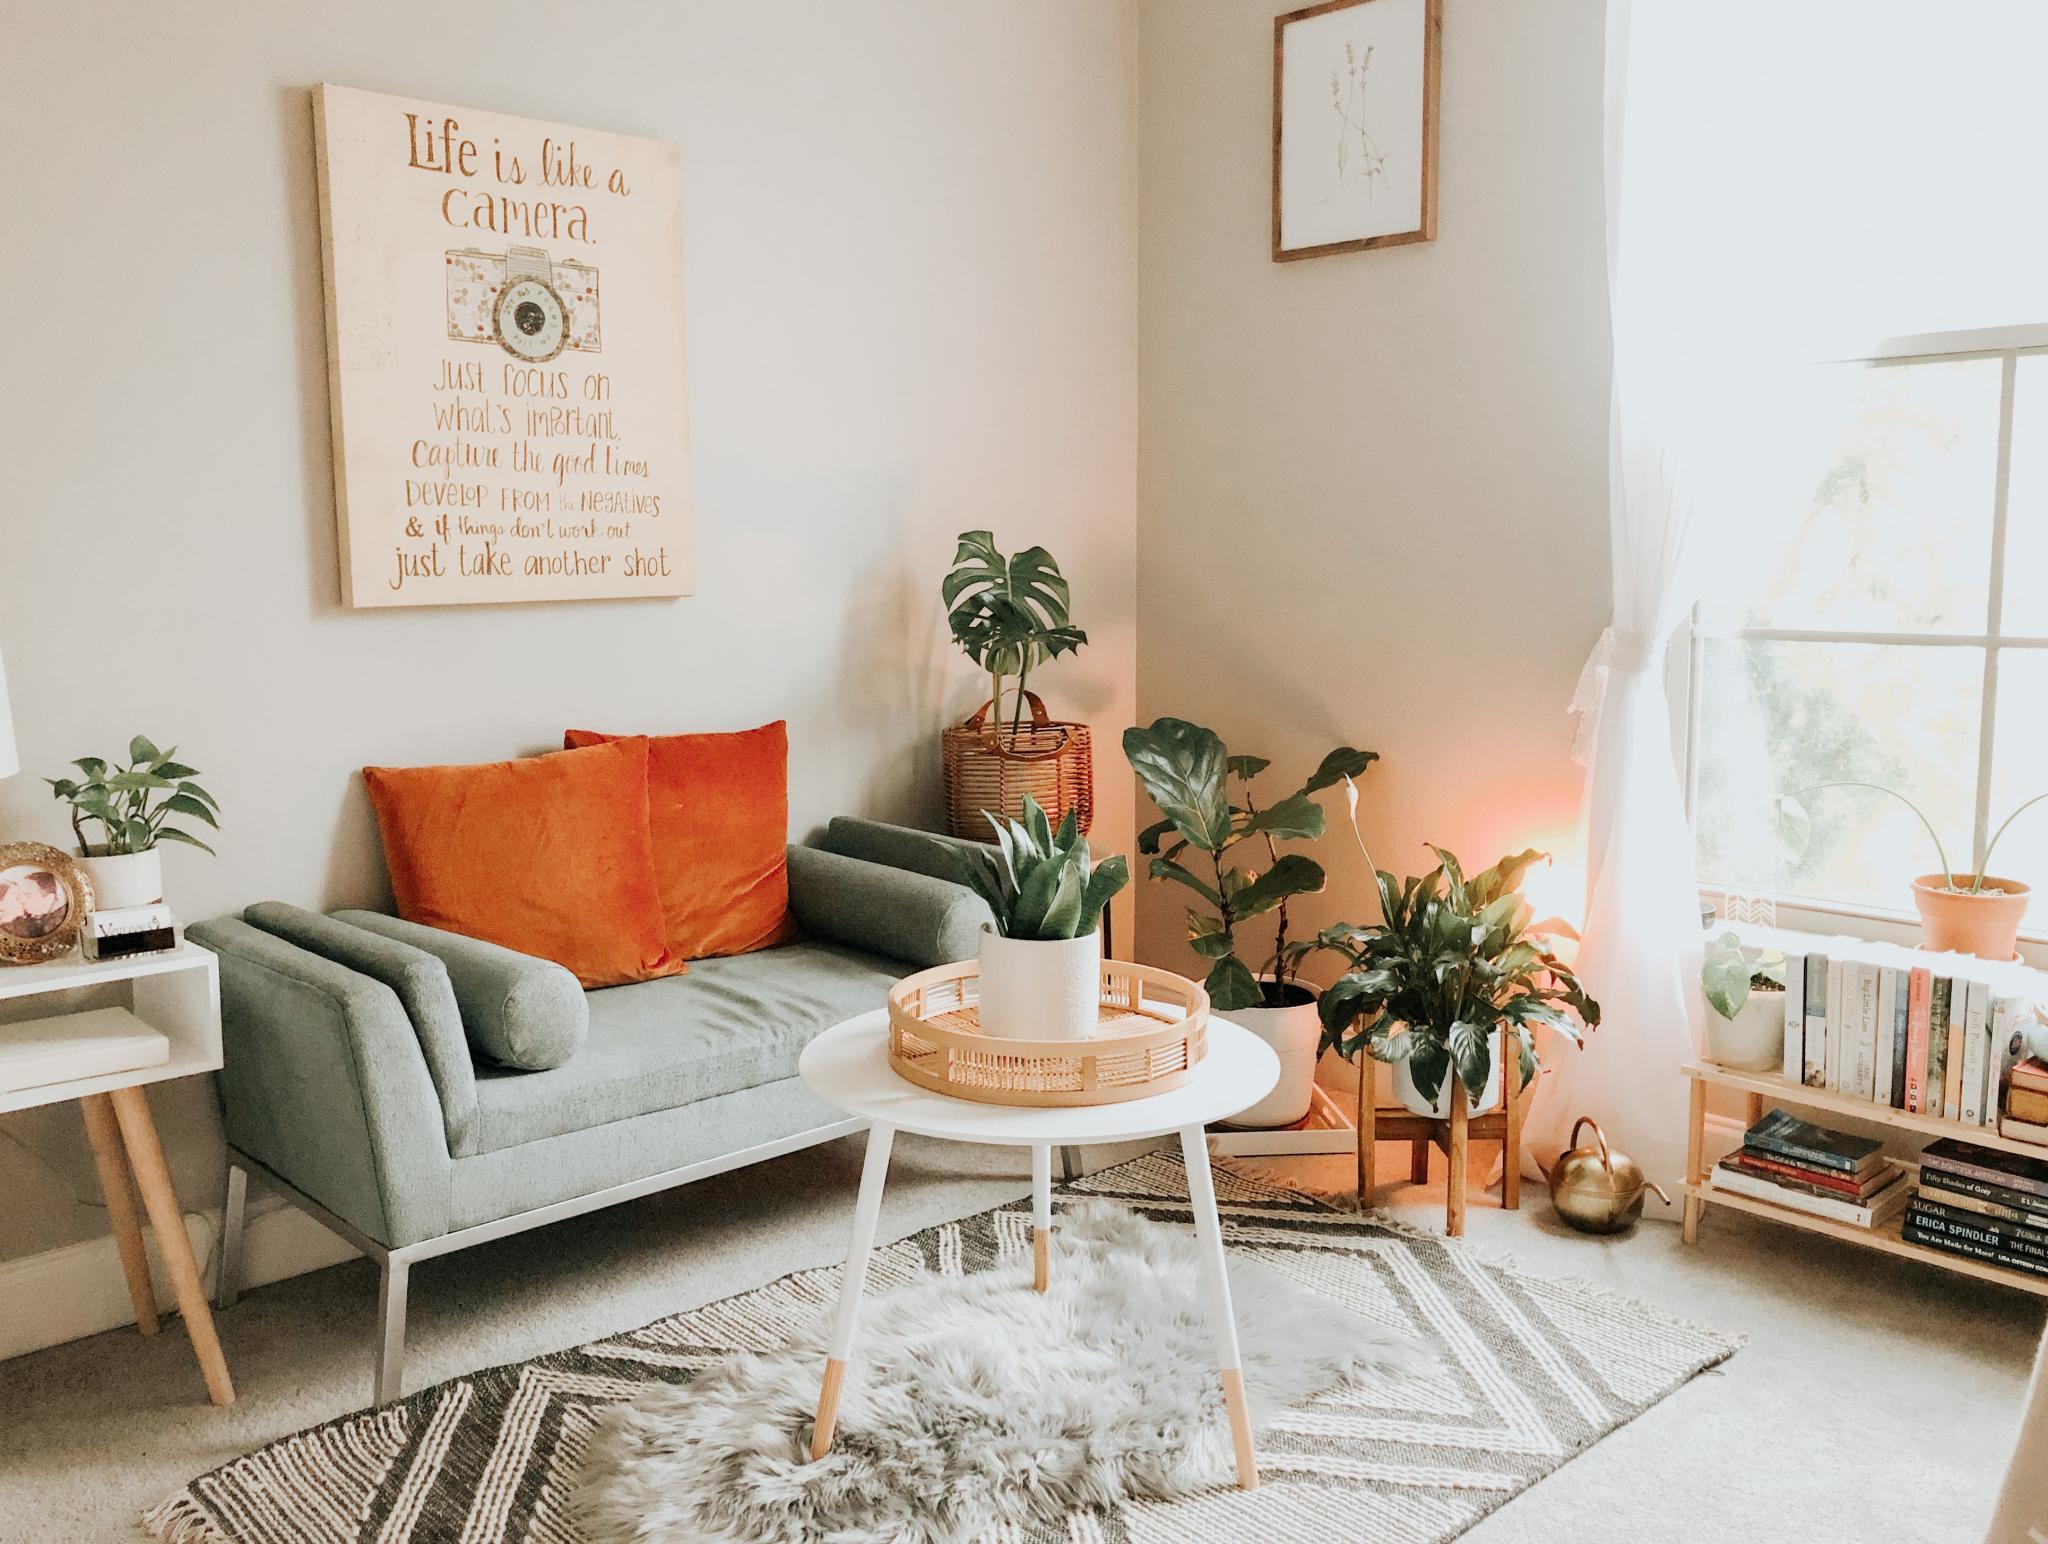 Quatre astuces naturelles pour assainir et dépolluer l'intérieur de sa maison